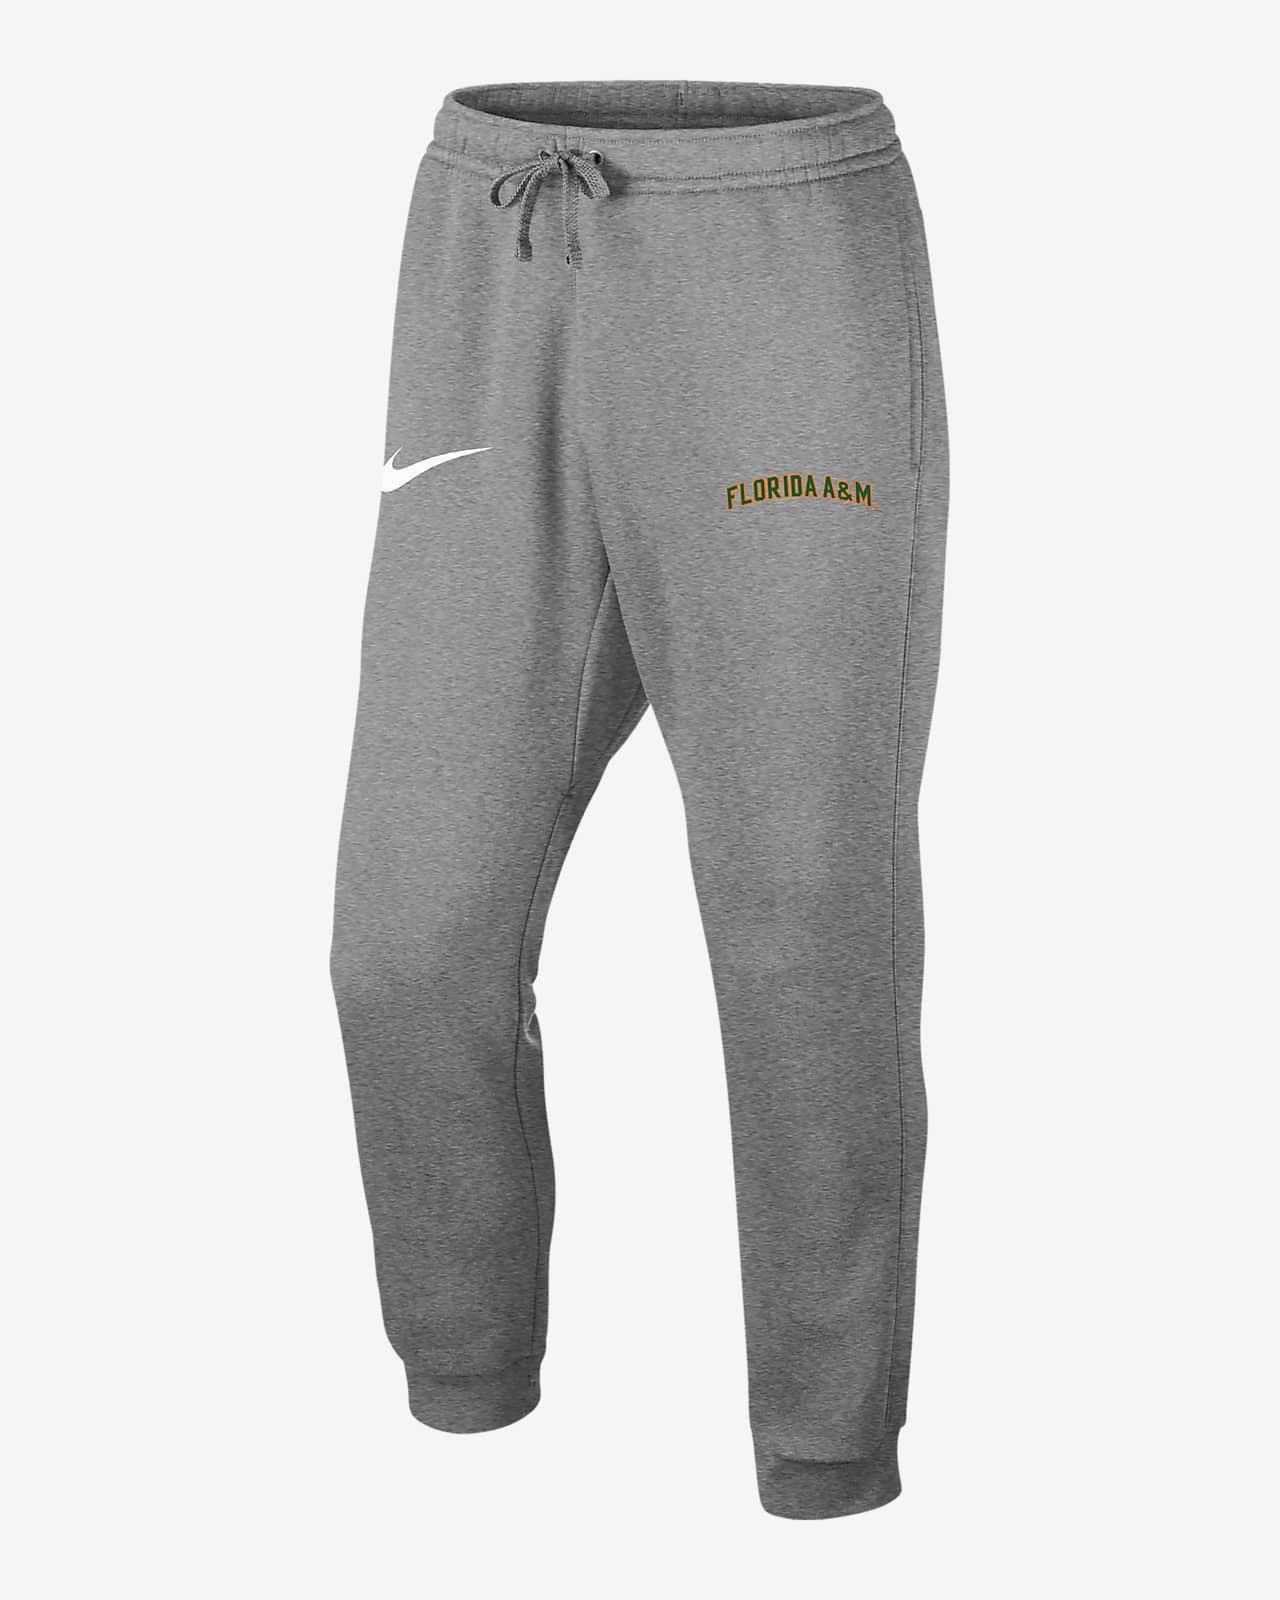 Nike College Club Fleece (FAMU) Joggers